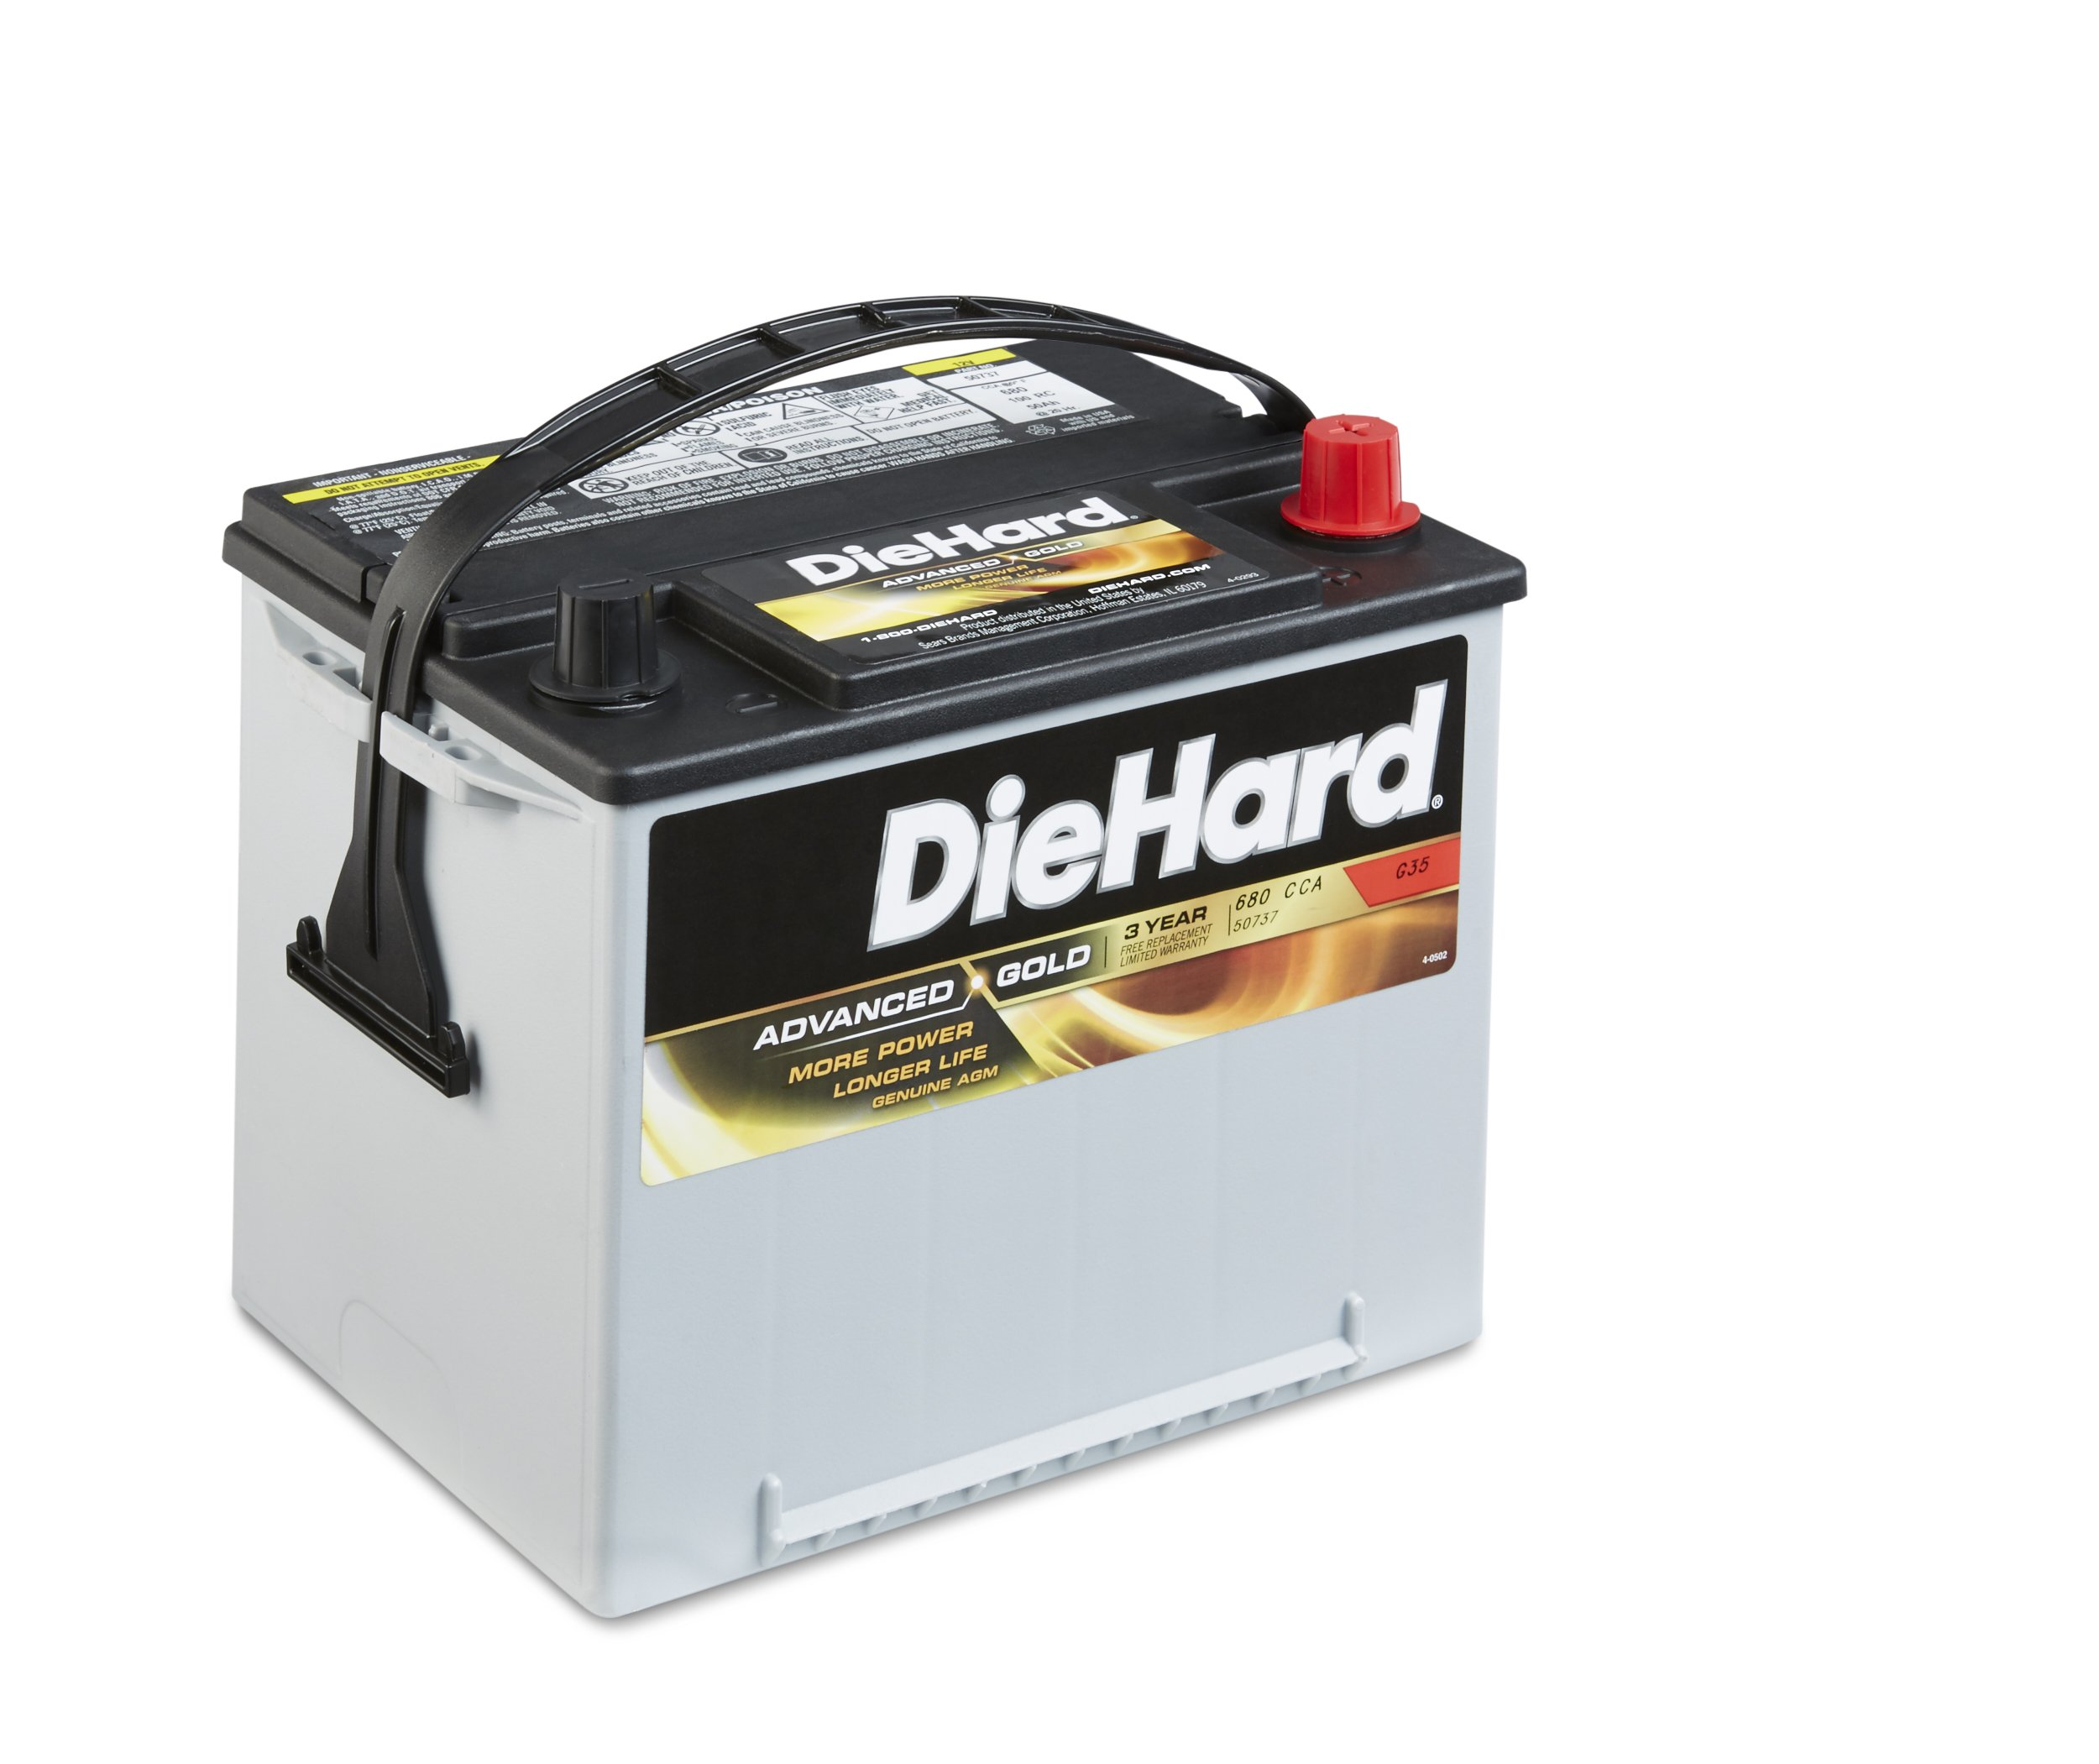 DieHard 38275 Advanced Gold AGM Battery (GP 35)